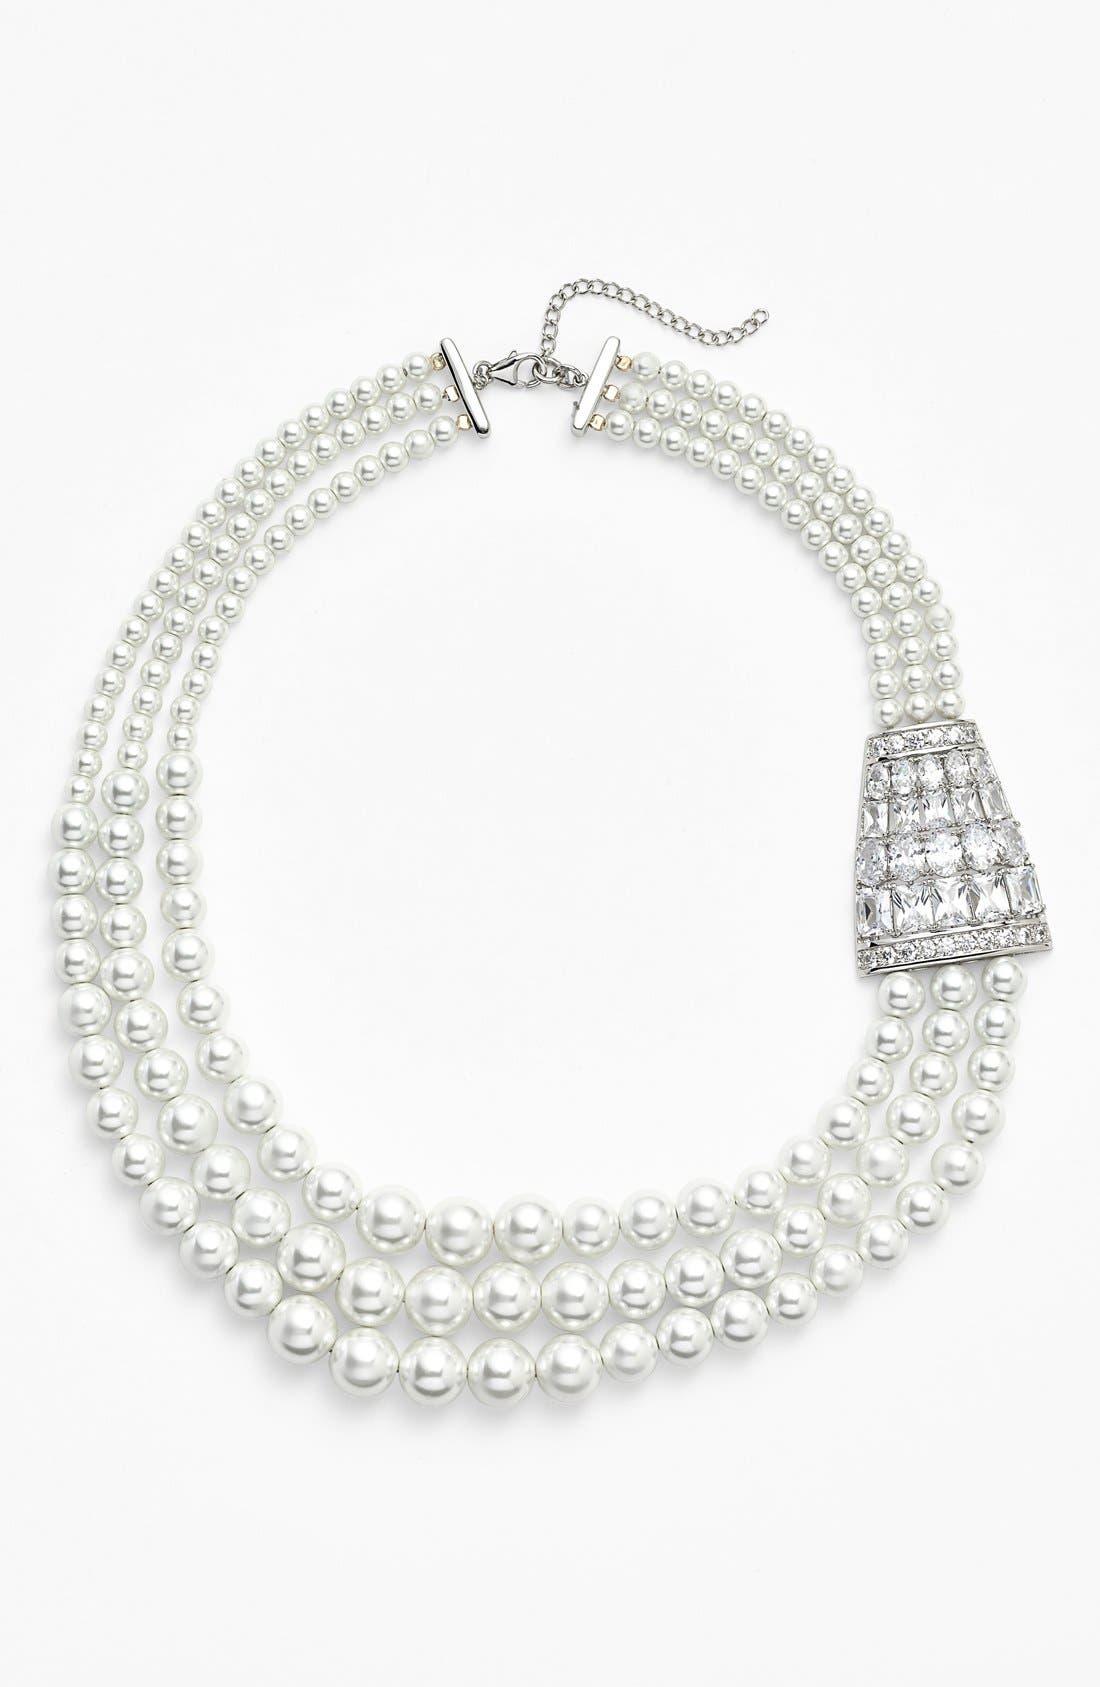 Main Image - Nina 'Zandra' Crystal Accent Faux Pearl Necklace